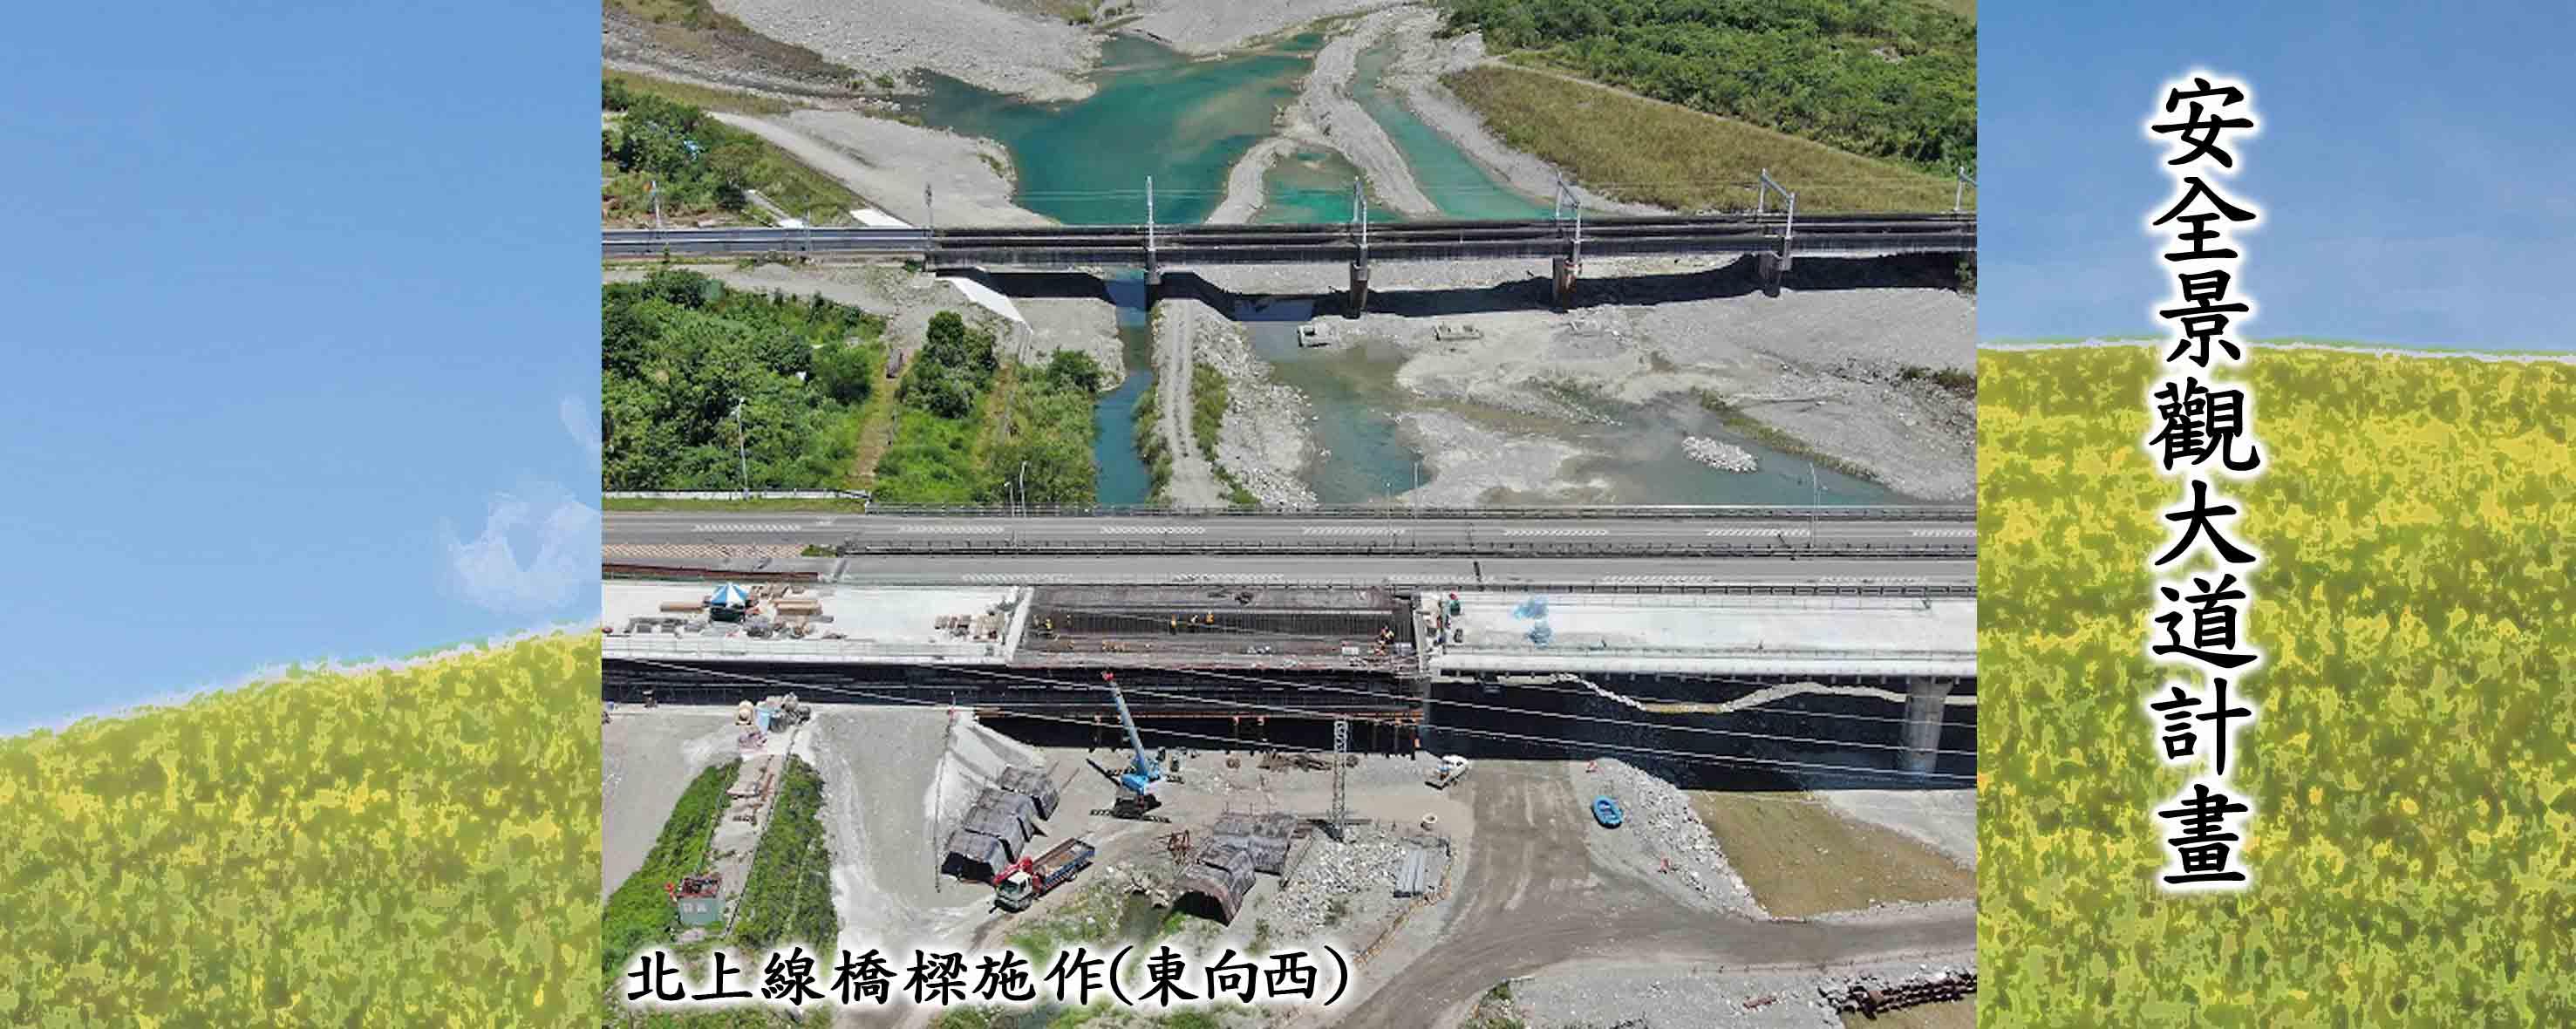 北上線橋樑施作(東向西)